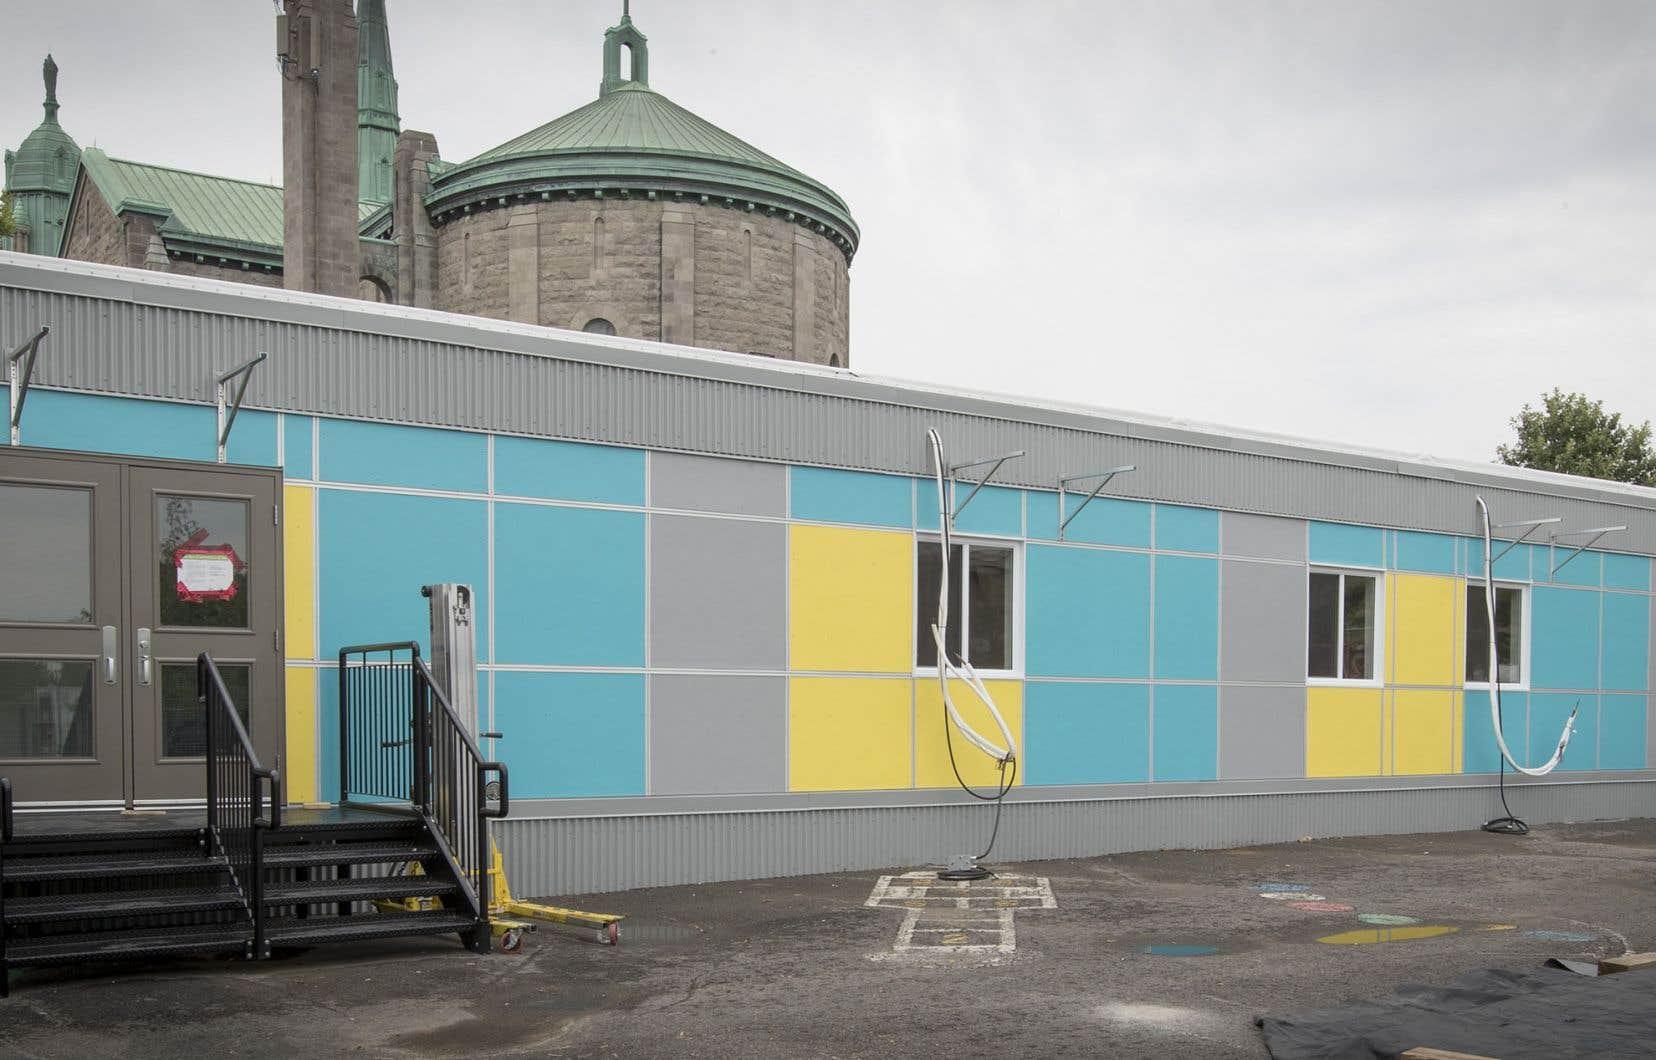 À quelques jours de la rentrée, les écoles mettaient les bouchées doubles pour terminer l'installation des modulaires lors du passage du «Devoir» vendredi dernier.